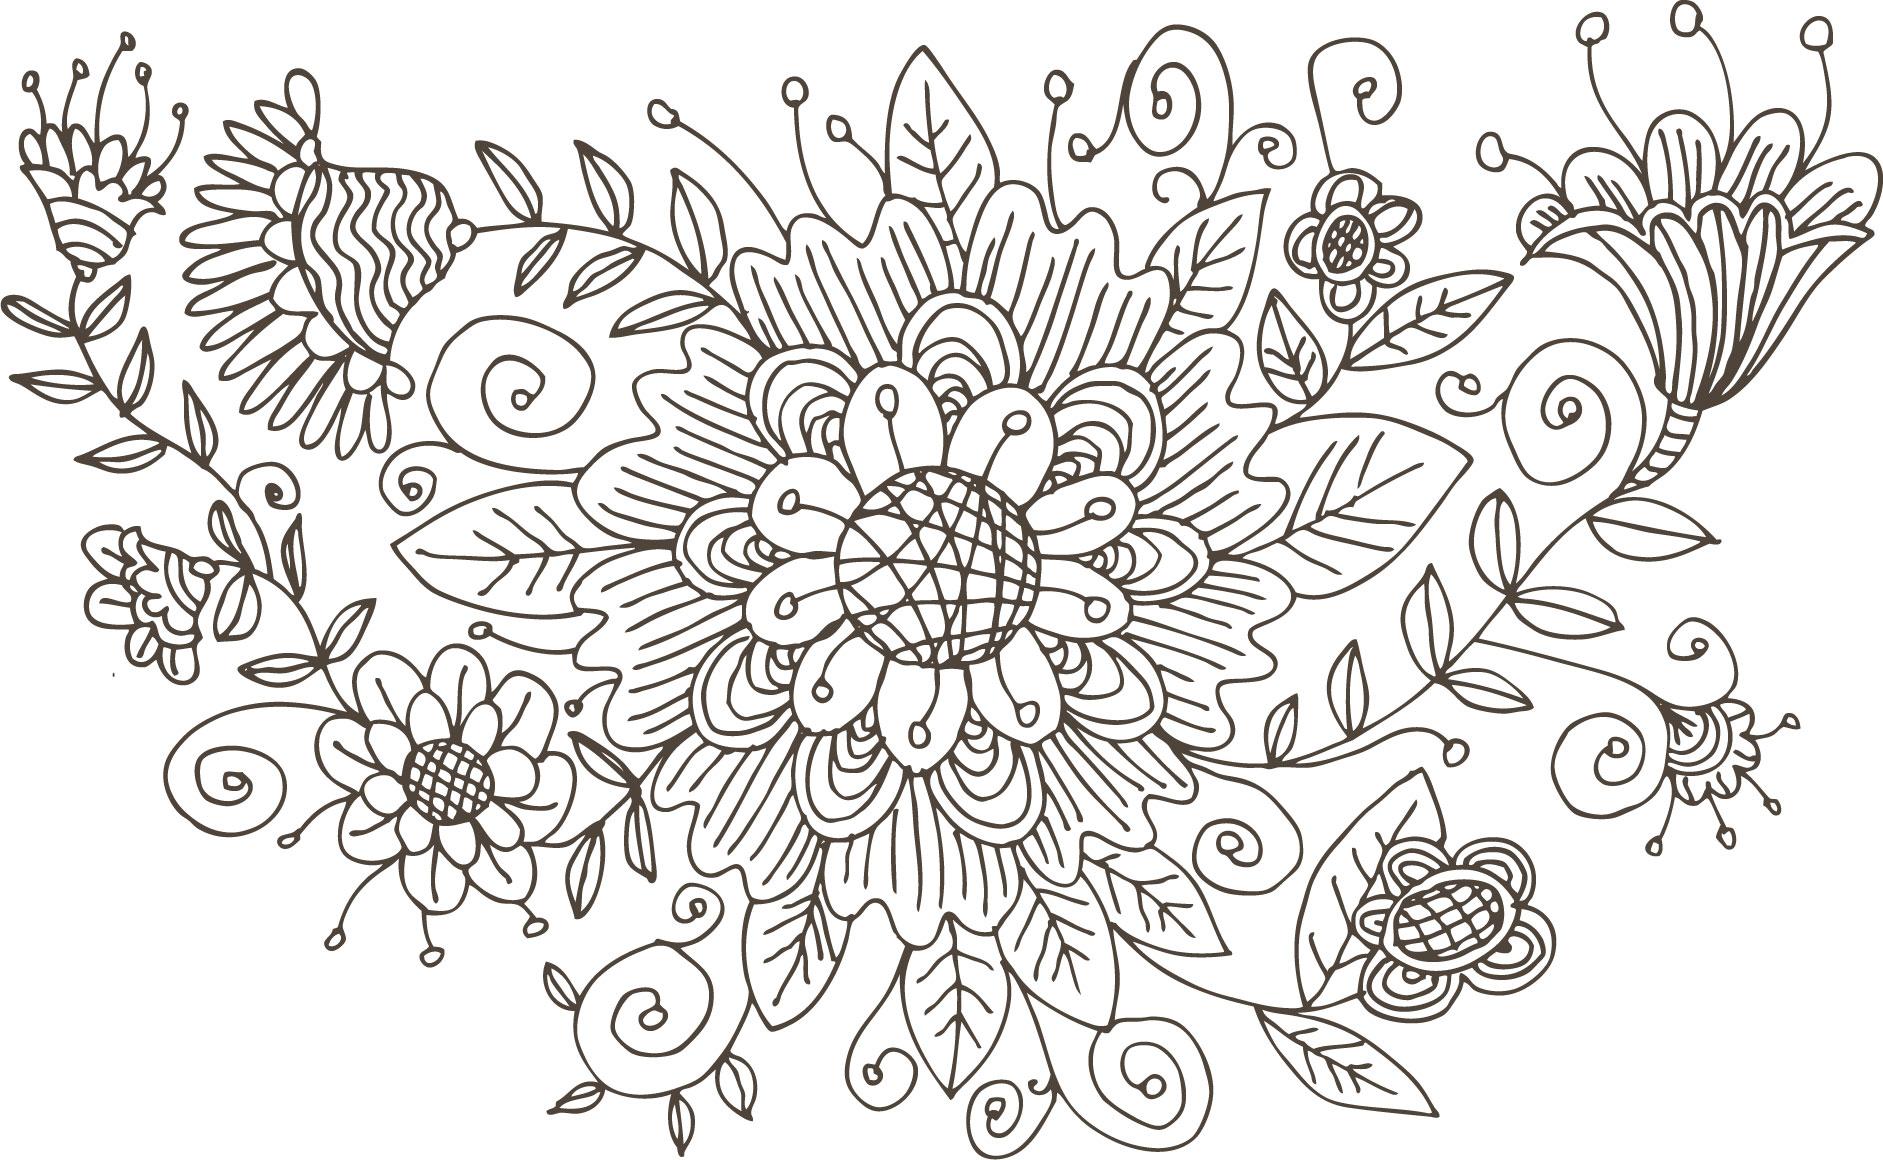 ポップでかわいい花のイラストフリー素材no1094白黒手書き風